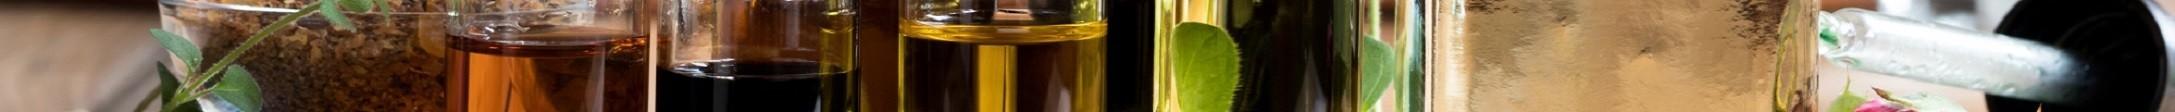 Comprar Mermeladas, Miel Y Confituras | Mixtura Gourmet